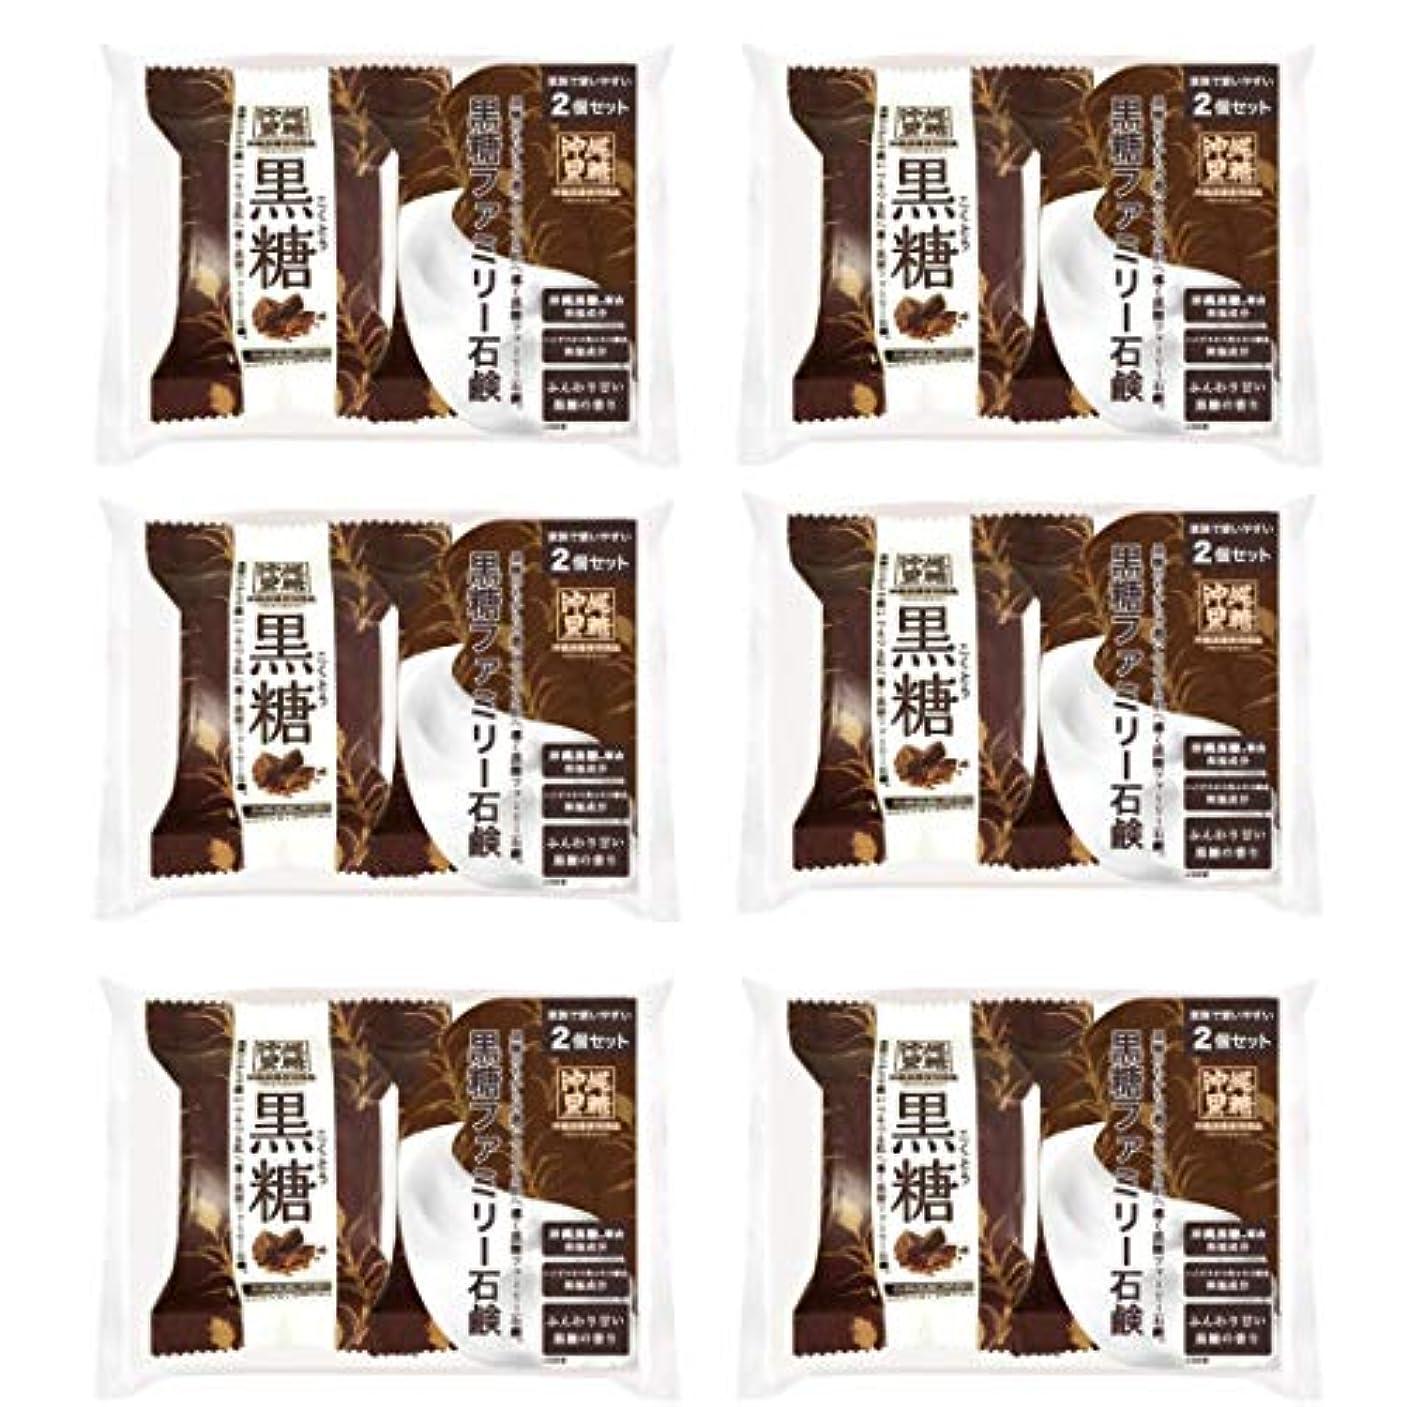 臭い治療ブレス【6個セット】ペリカン石鹸 ファミリー黒糖石鹸 80g×2個